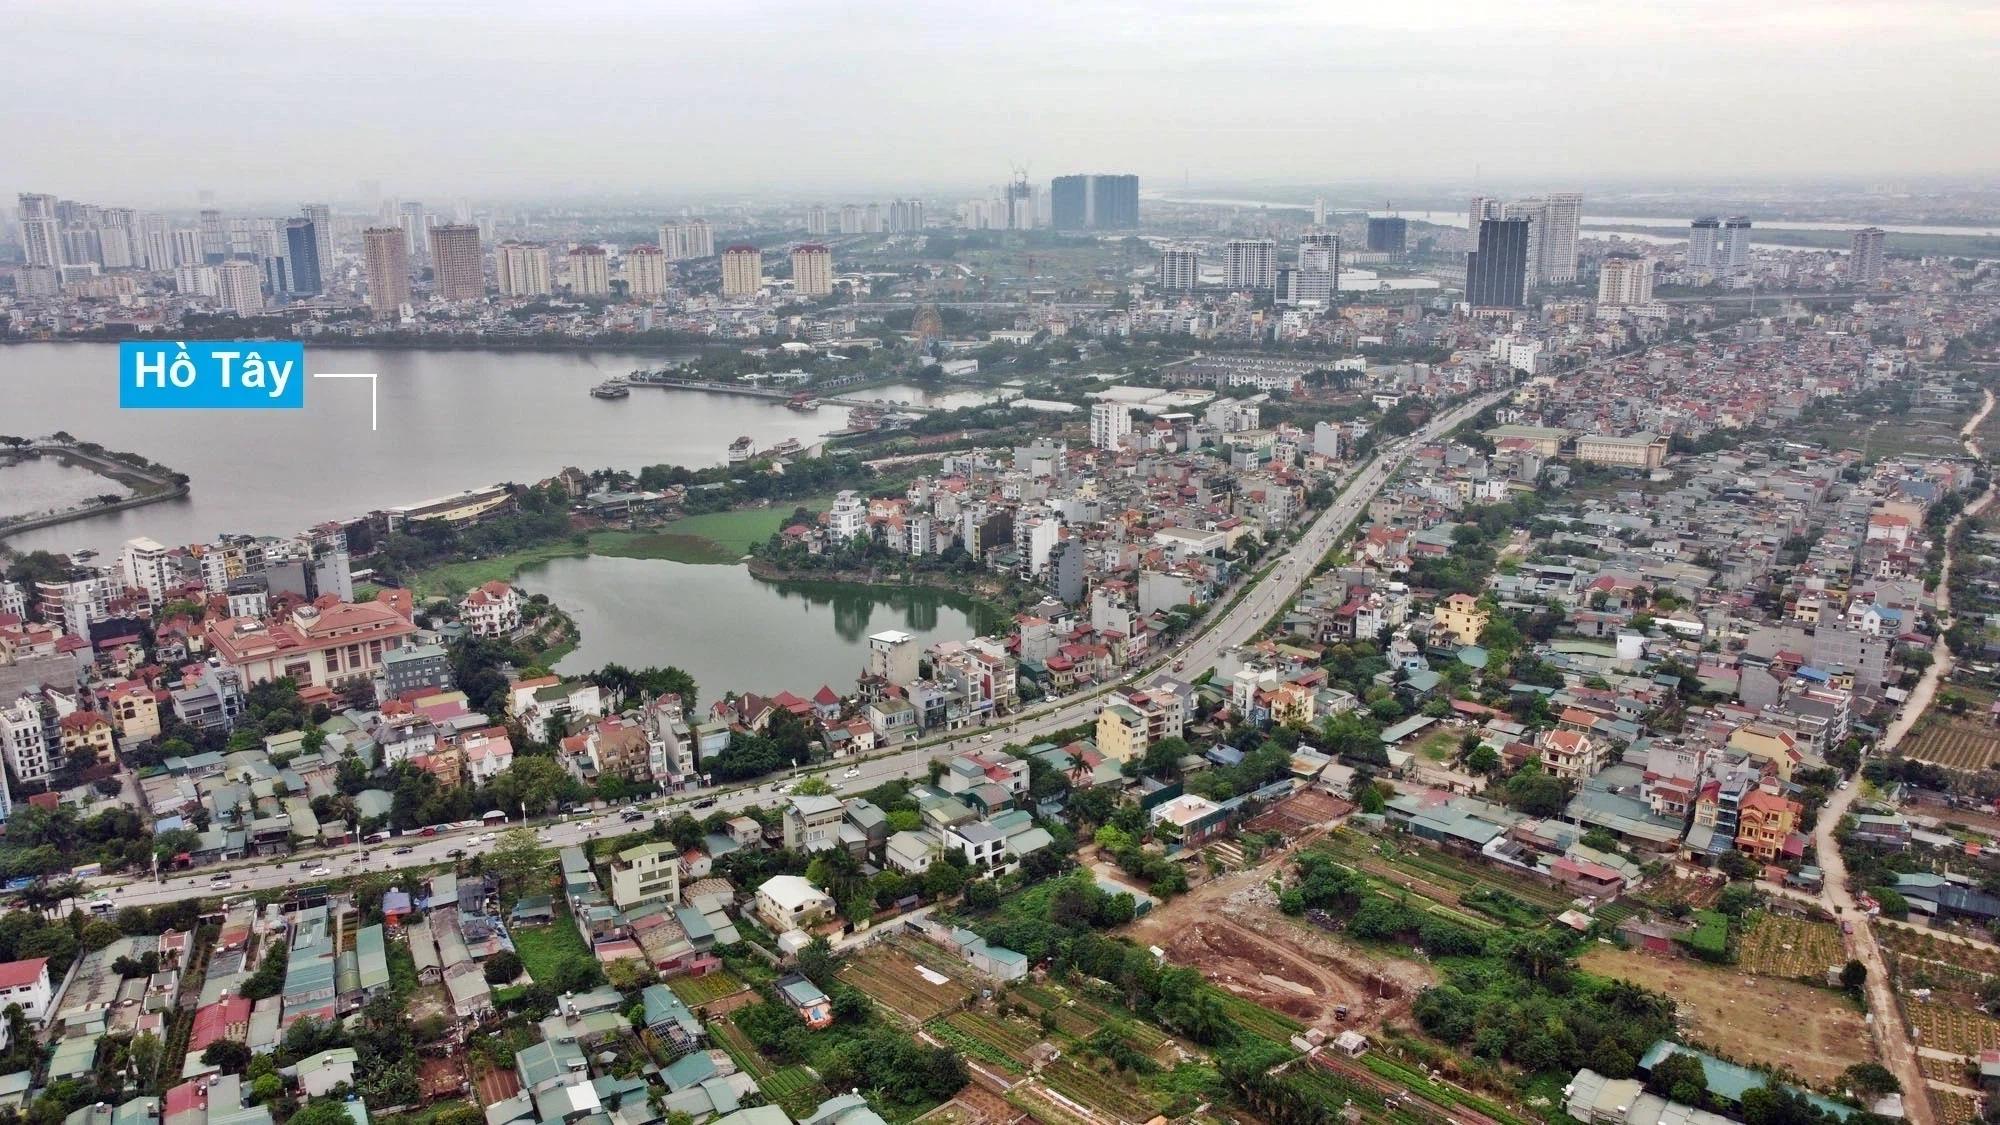 Toàn cảnh hiện trạng Phân khu đô thị sông Hồng trên địa bàn quận Tây Hồ - Ảnh 19.